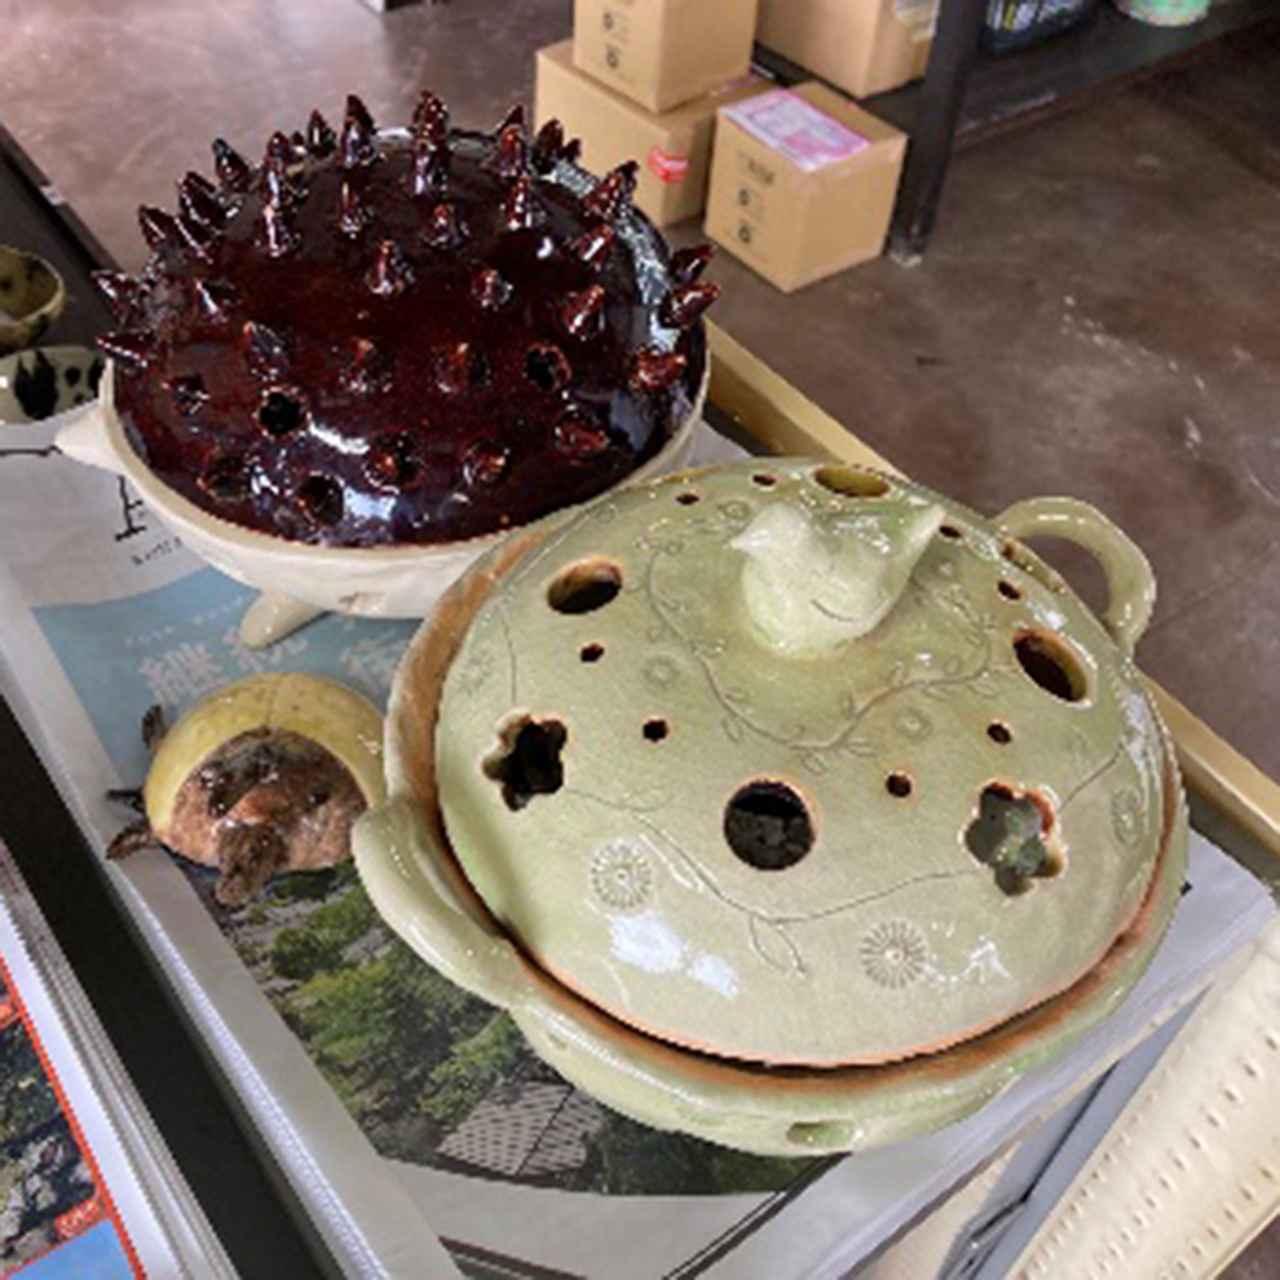 画像1: セラミックバレー美濃でお気に入りの器を見つけませんか?